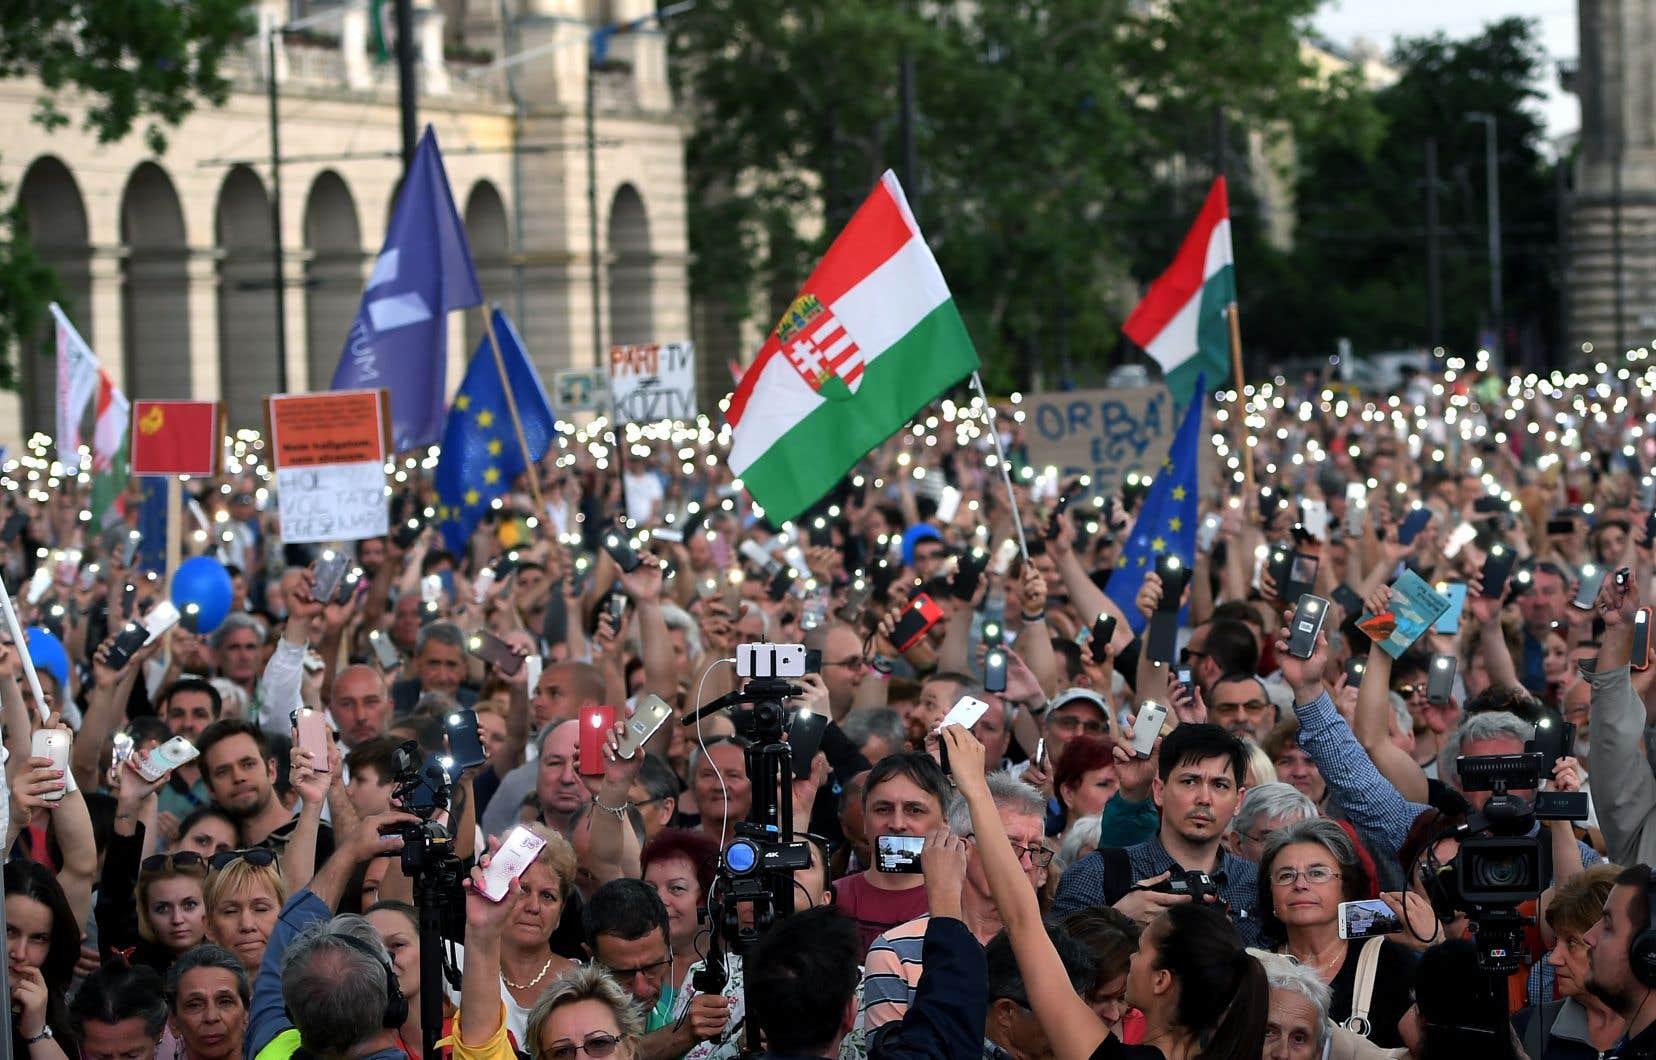 De nombreux drapeaux européens flottaient dans la foule pour cette troisième mobilisation depuis le scrutin du 8avril.